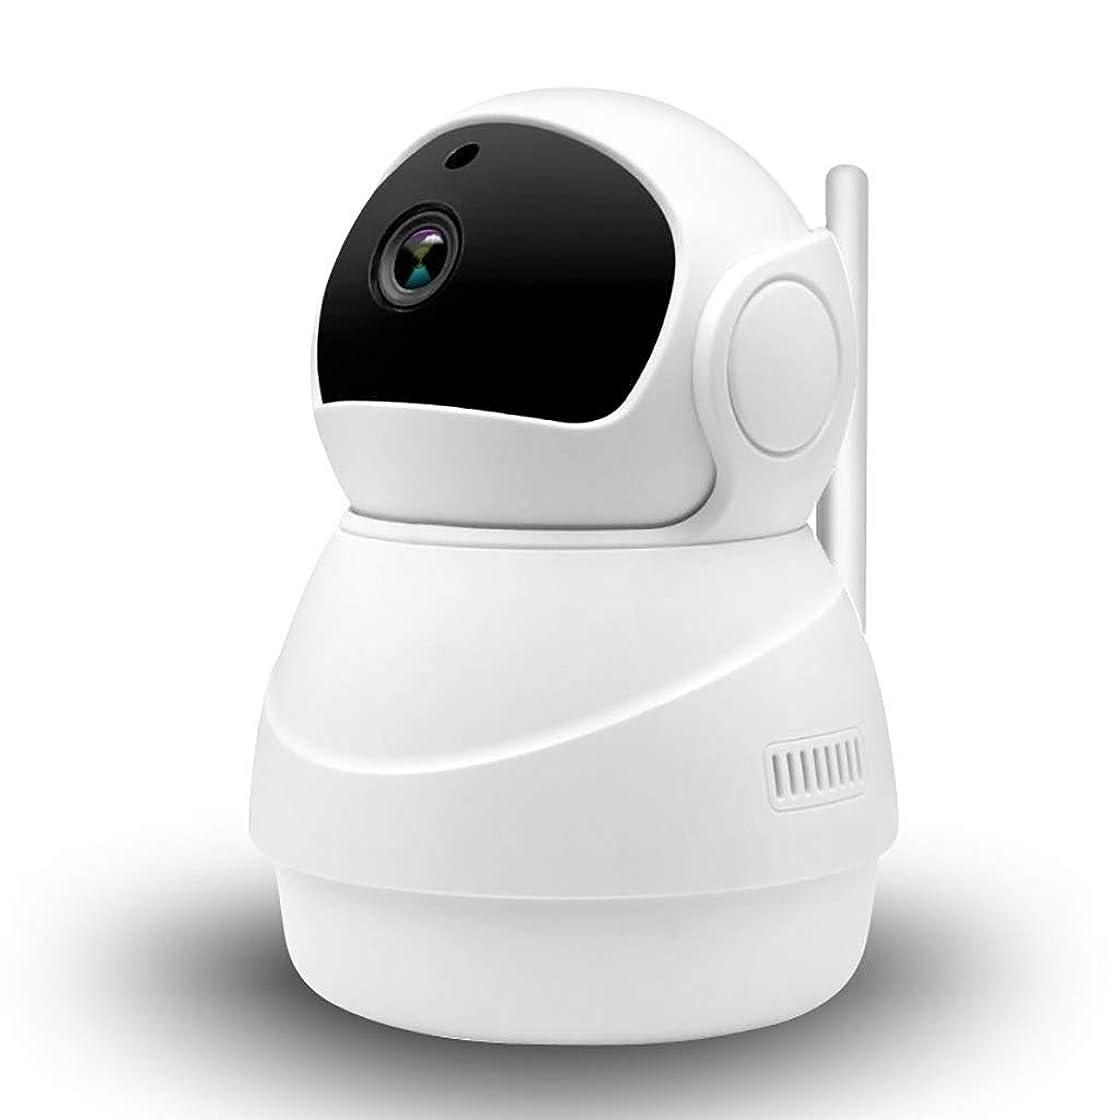 メーカー裕福な鎮痛剤カメラ カメラ付きベビーモニター、PTZ回転、360度モニタリング、双方向会話、1080P HDカメラ カメラ